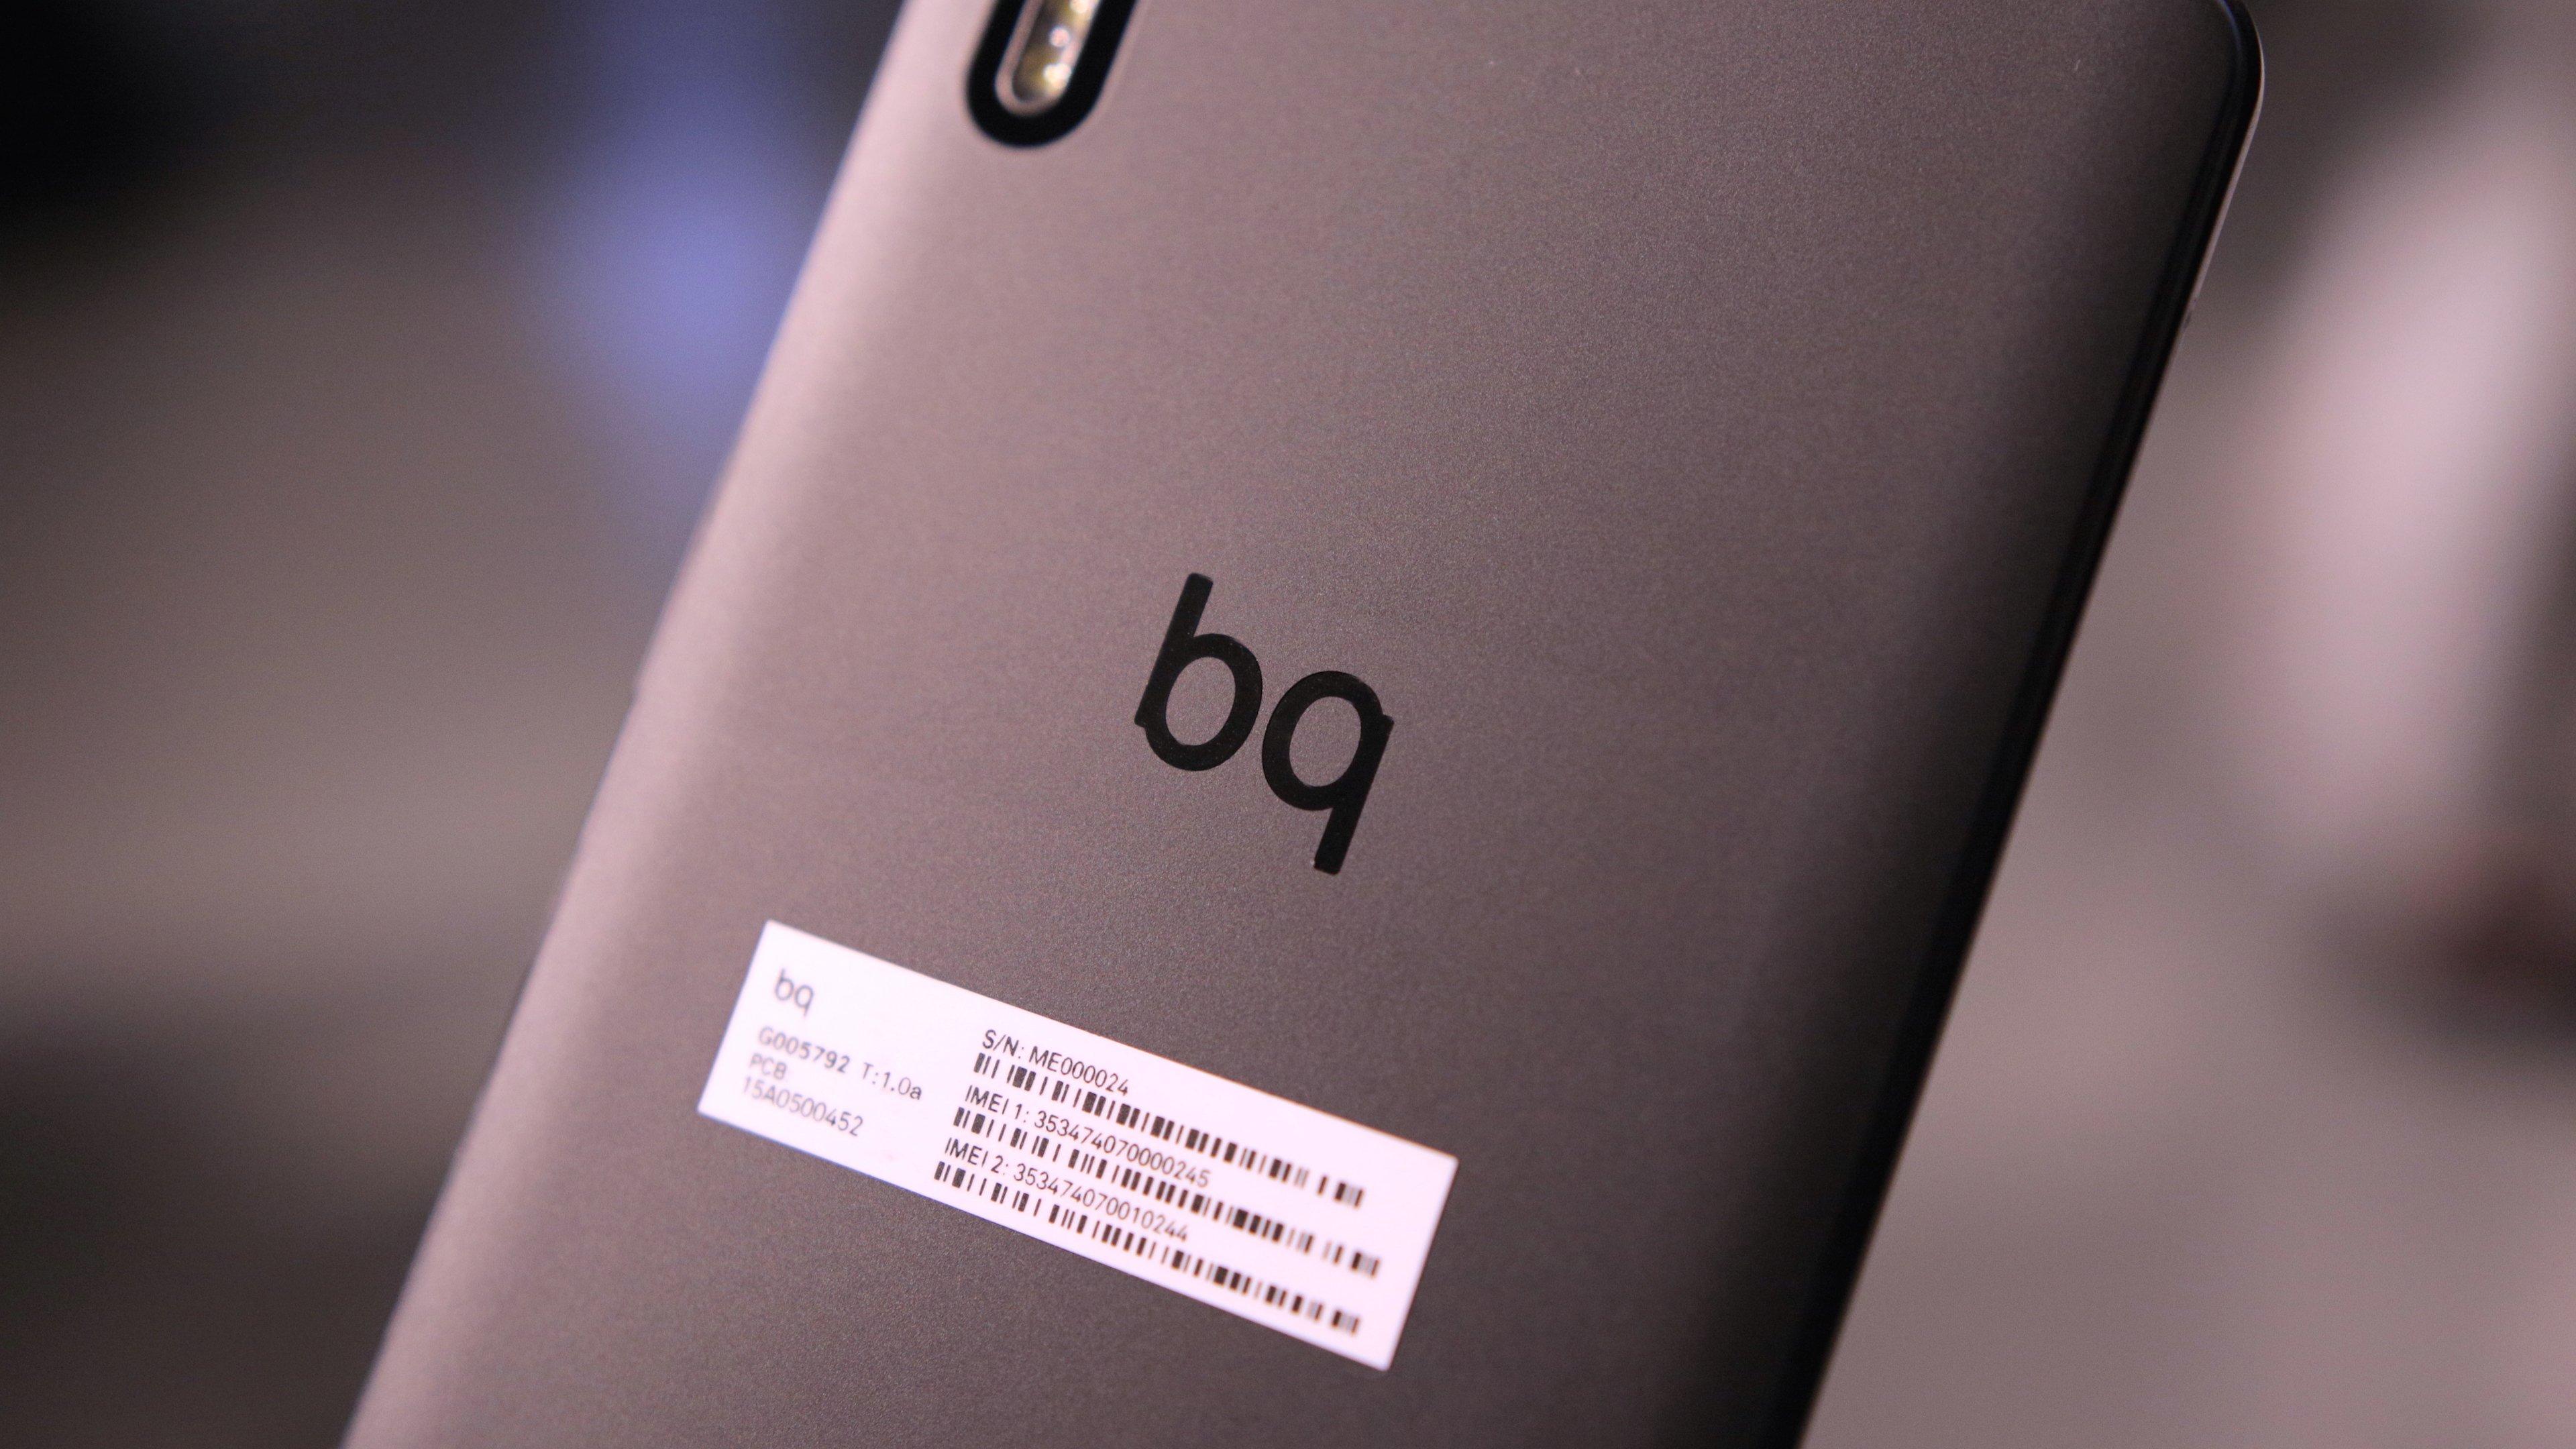 spanisches unternehmen bq stellt g nstiges smartphone und. Black Bedroom Furniture Sets. Home Design Ideas